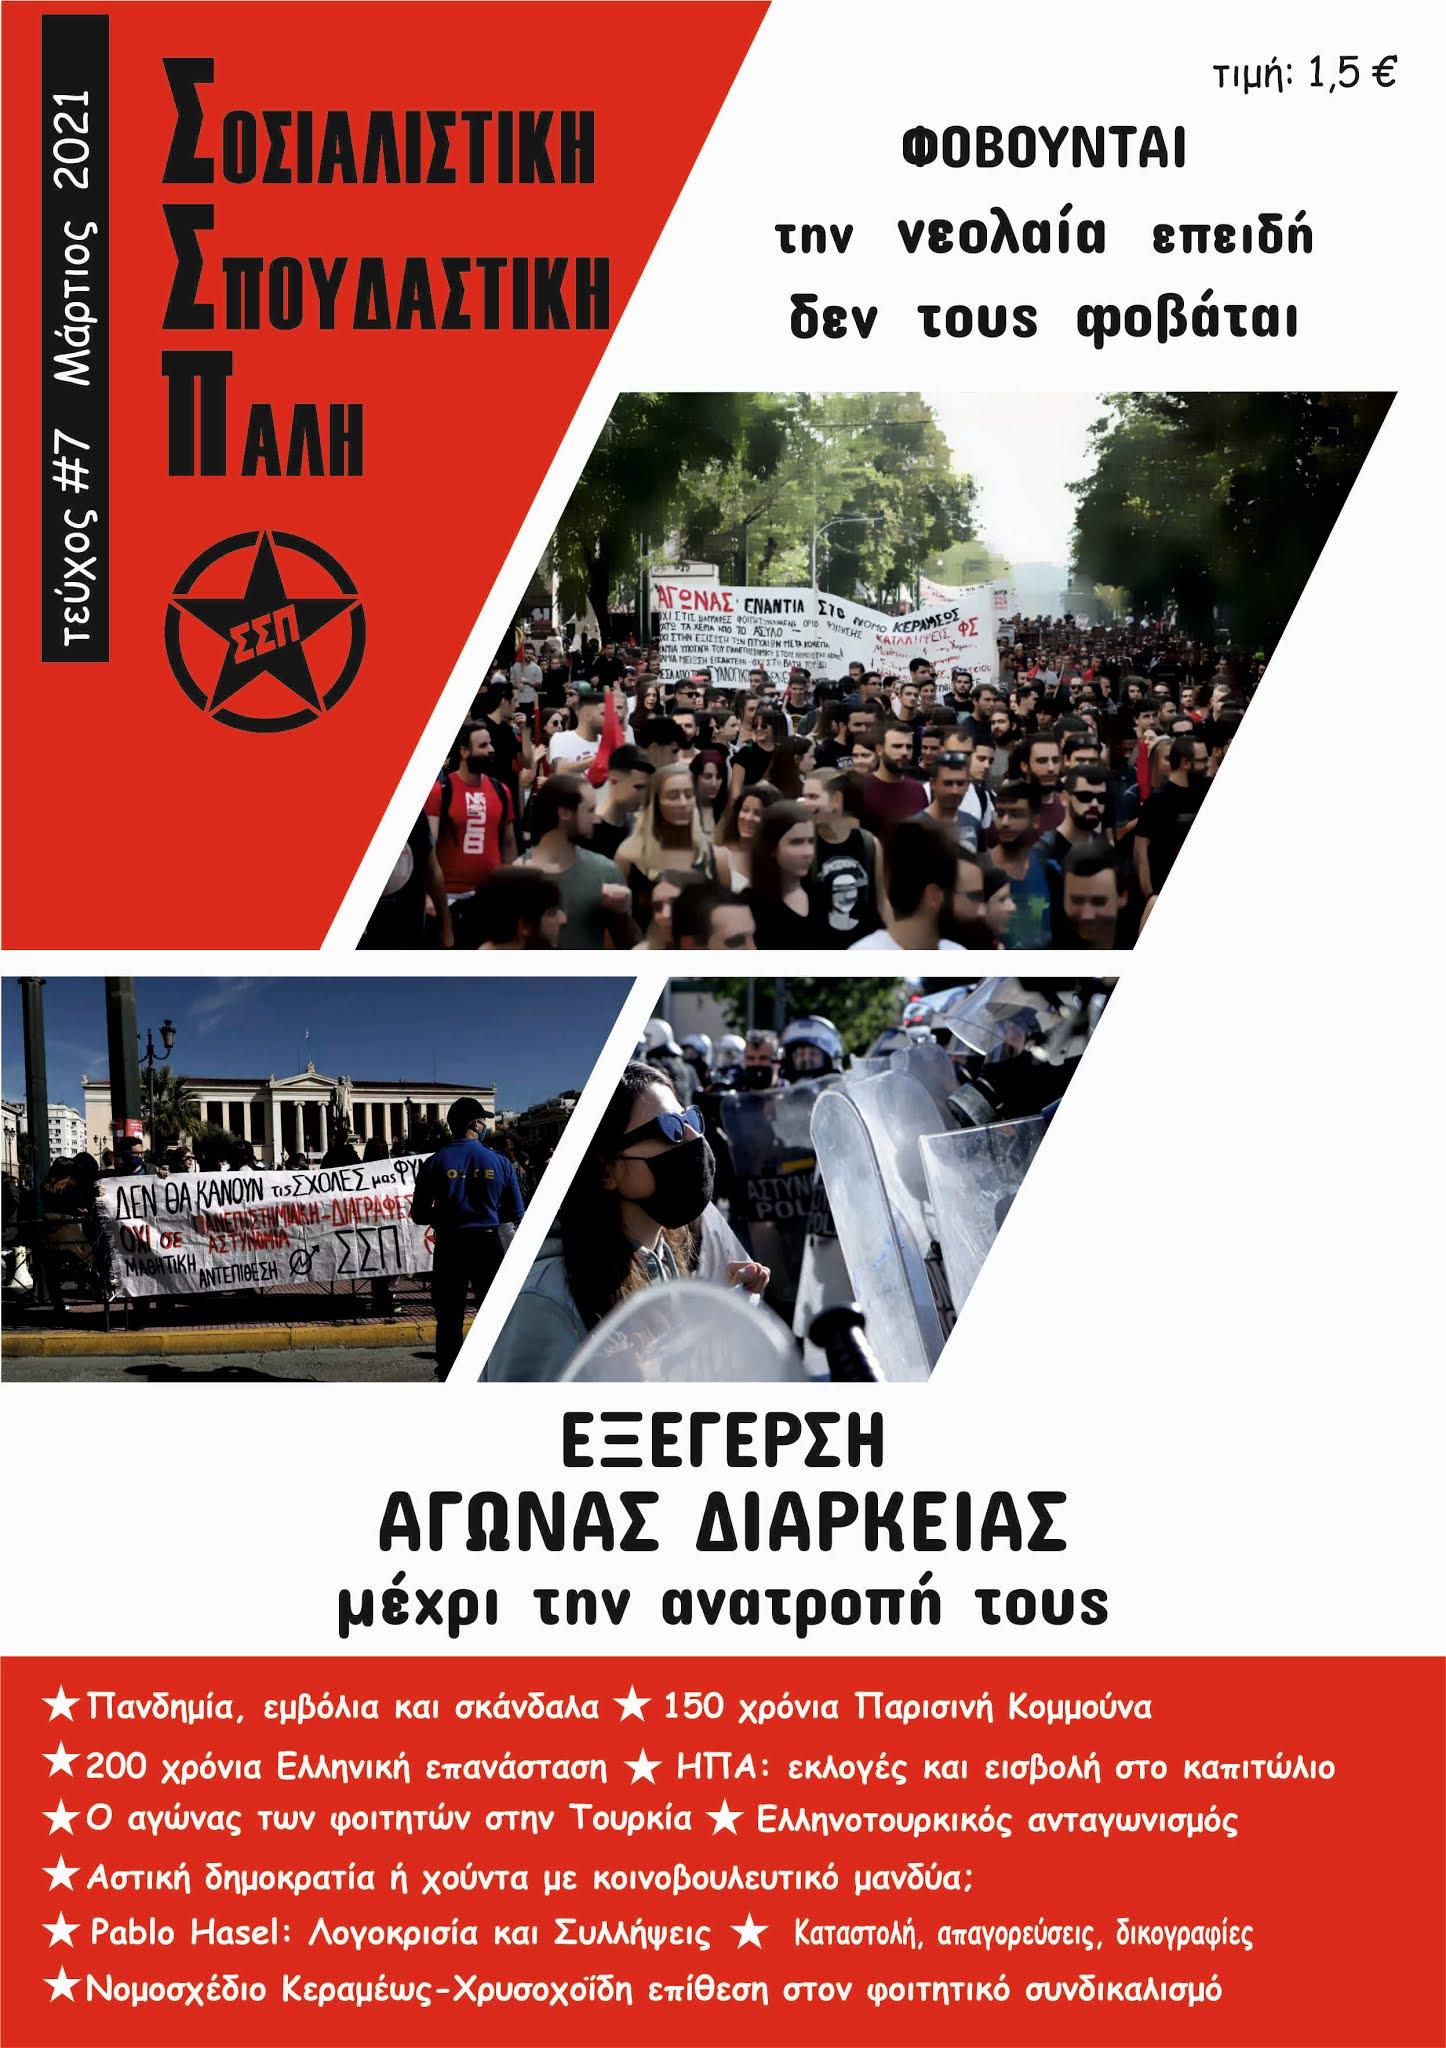 Κυκλοφορεί το νέο τεύχος του περιοδικού της ΣΣΠ